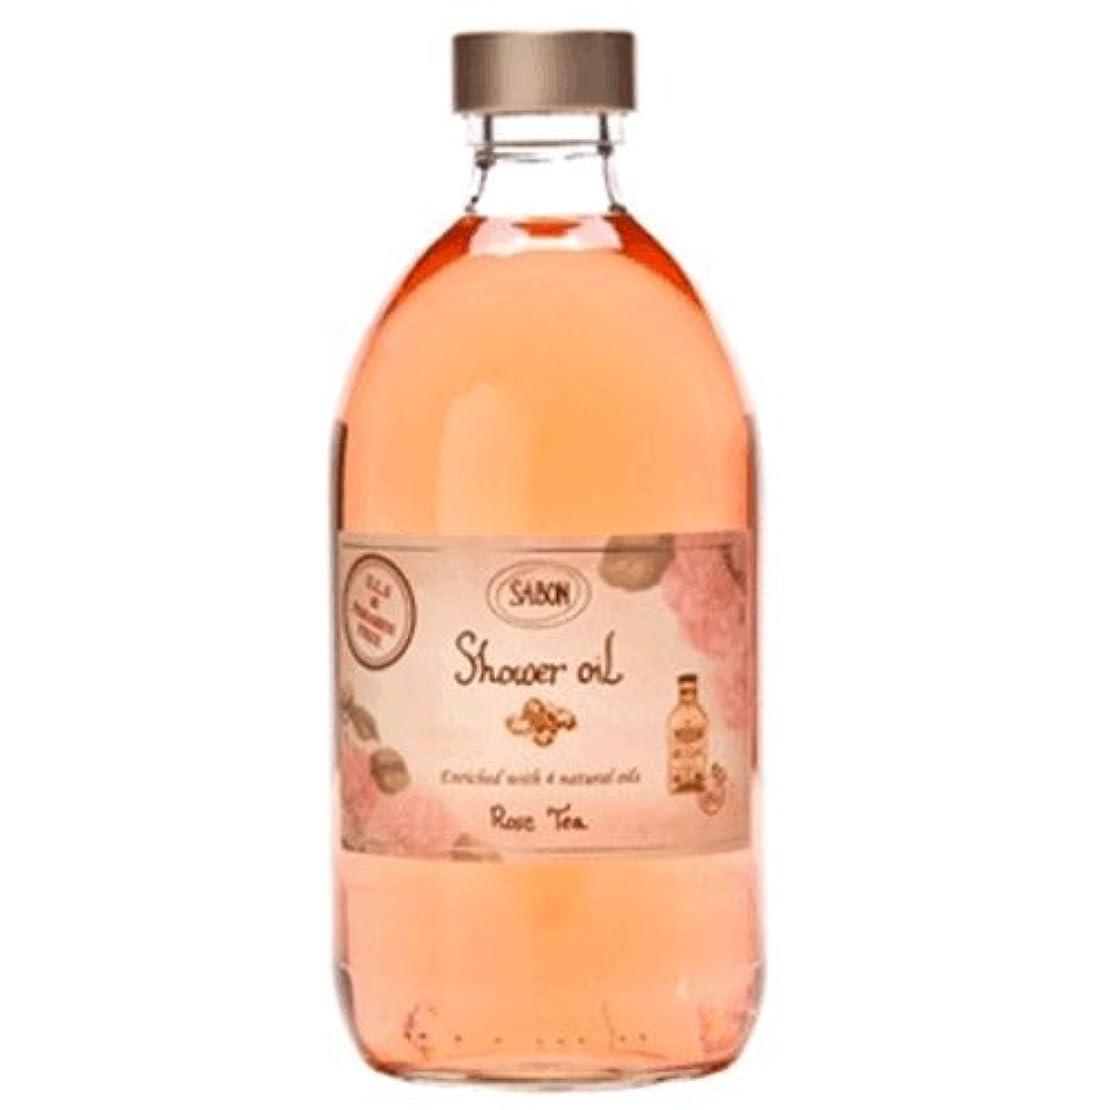 洗練キャッシュ偶然【サボン】シャワーオイル ローズティー(Rose Tea) ポンプ付き 500ml